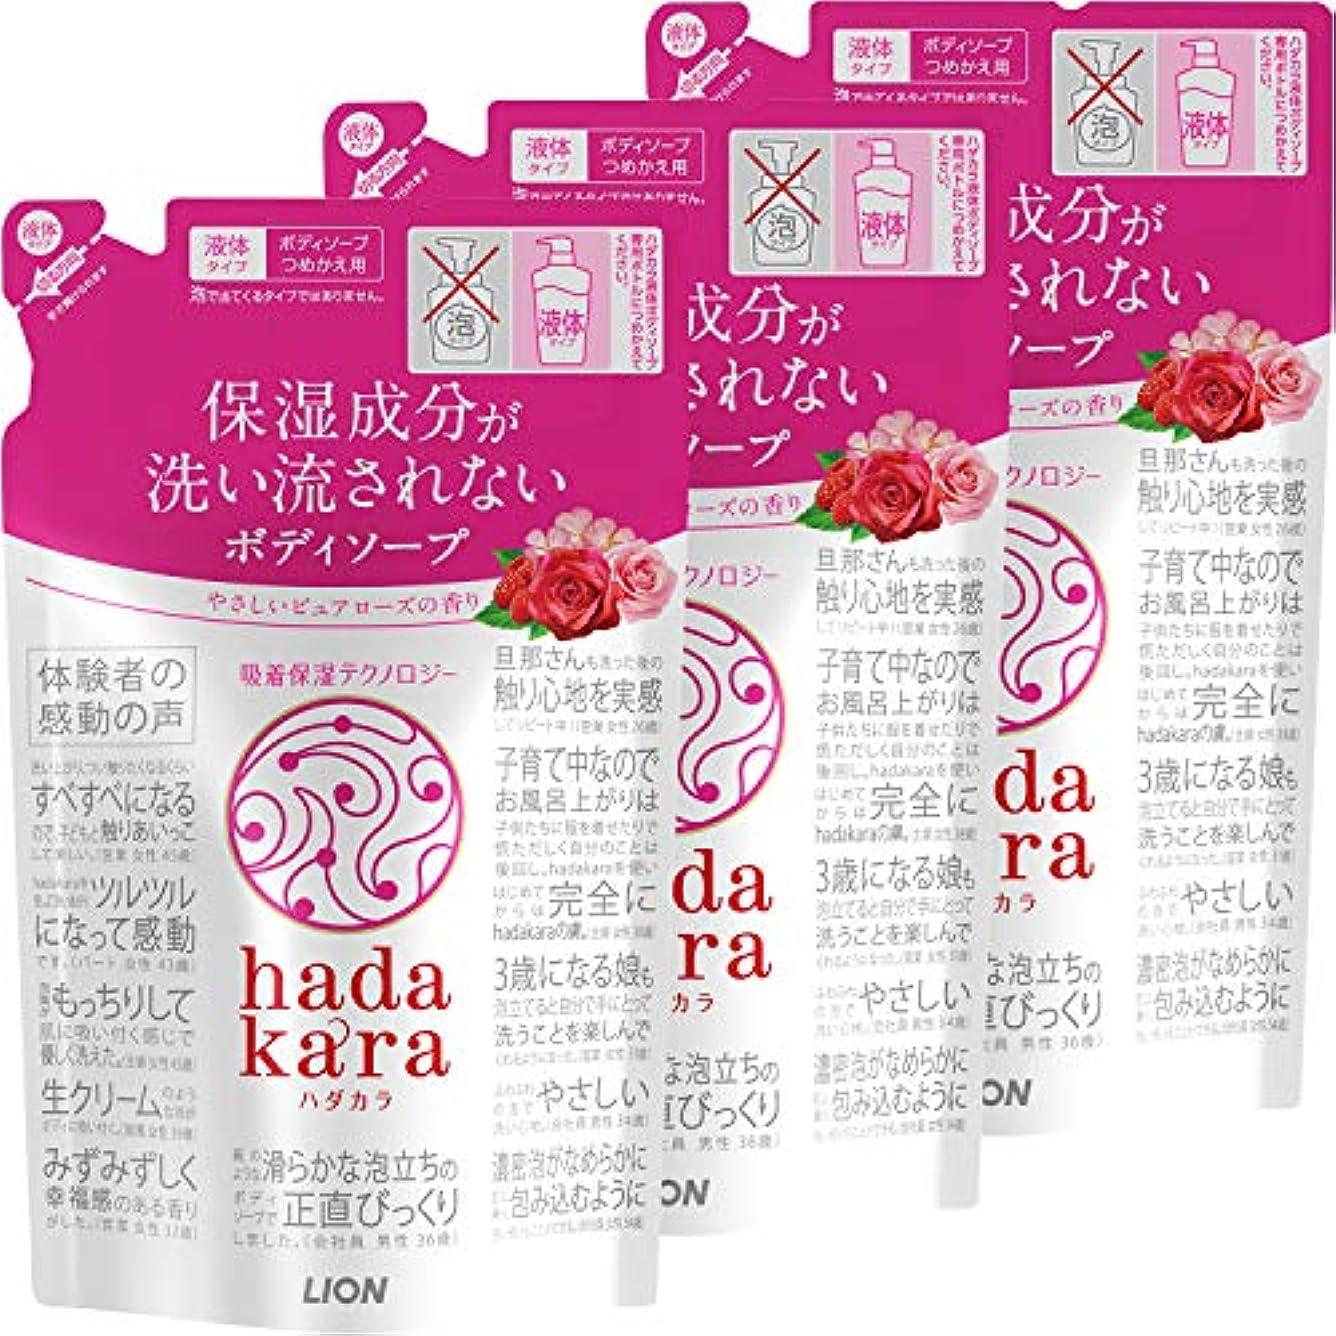 外観免除するほんのhadakara(ハダカラ) ボディソープ ピュアローズの香り つめかえ360ml×3個 詰替え用